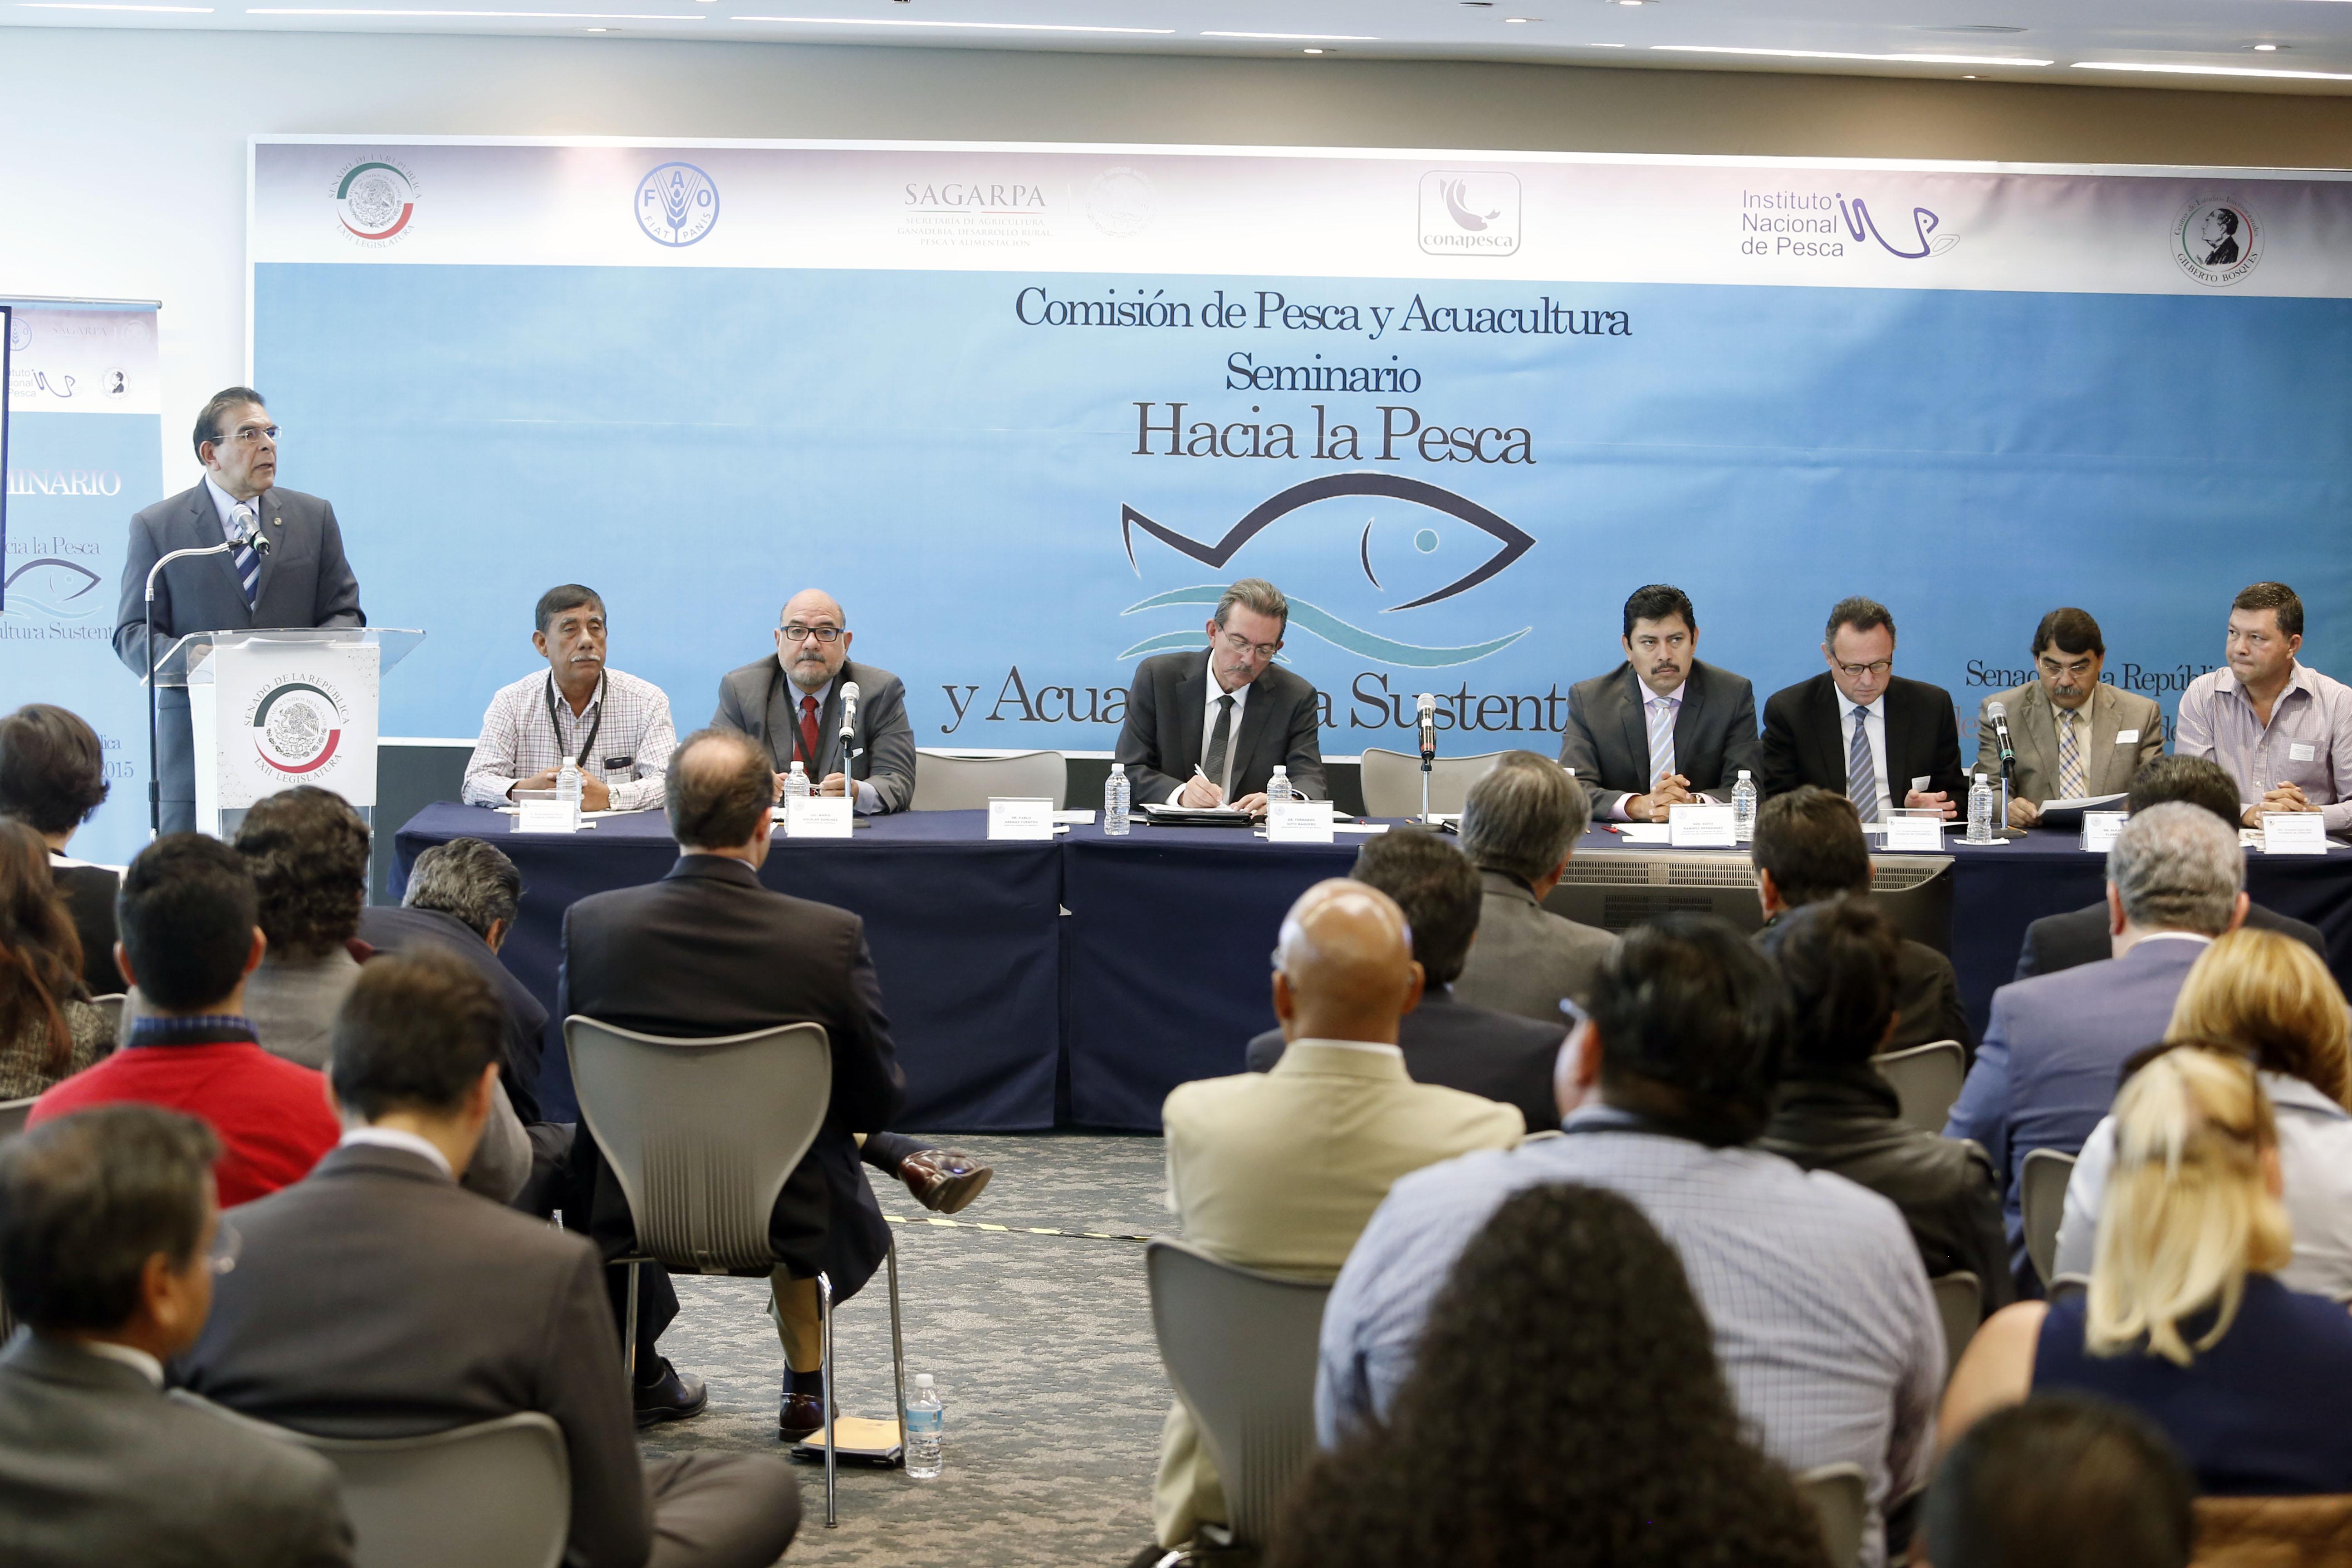 Esta voluntad política que la FAO ve del trabajo coordinado entre las autoridades mexicanas con el poder Legislativo y el sector pesquero, ya ofrece resultados concretos en materia de sustentabilidad productiva.